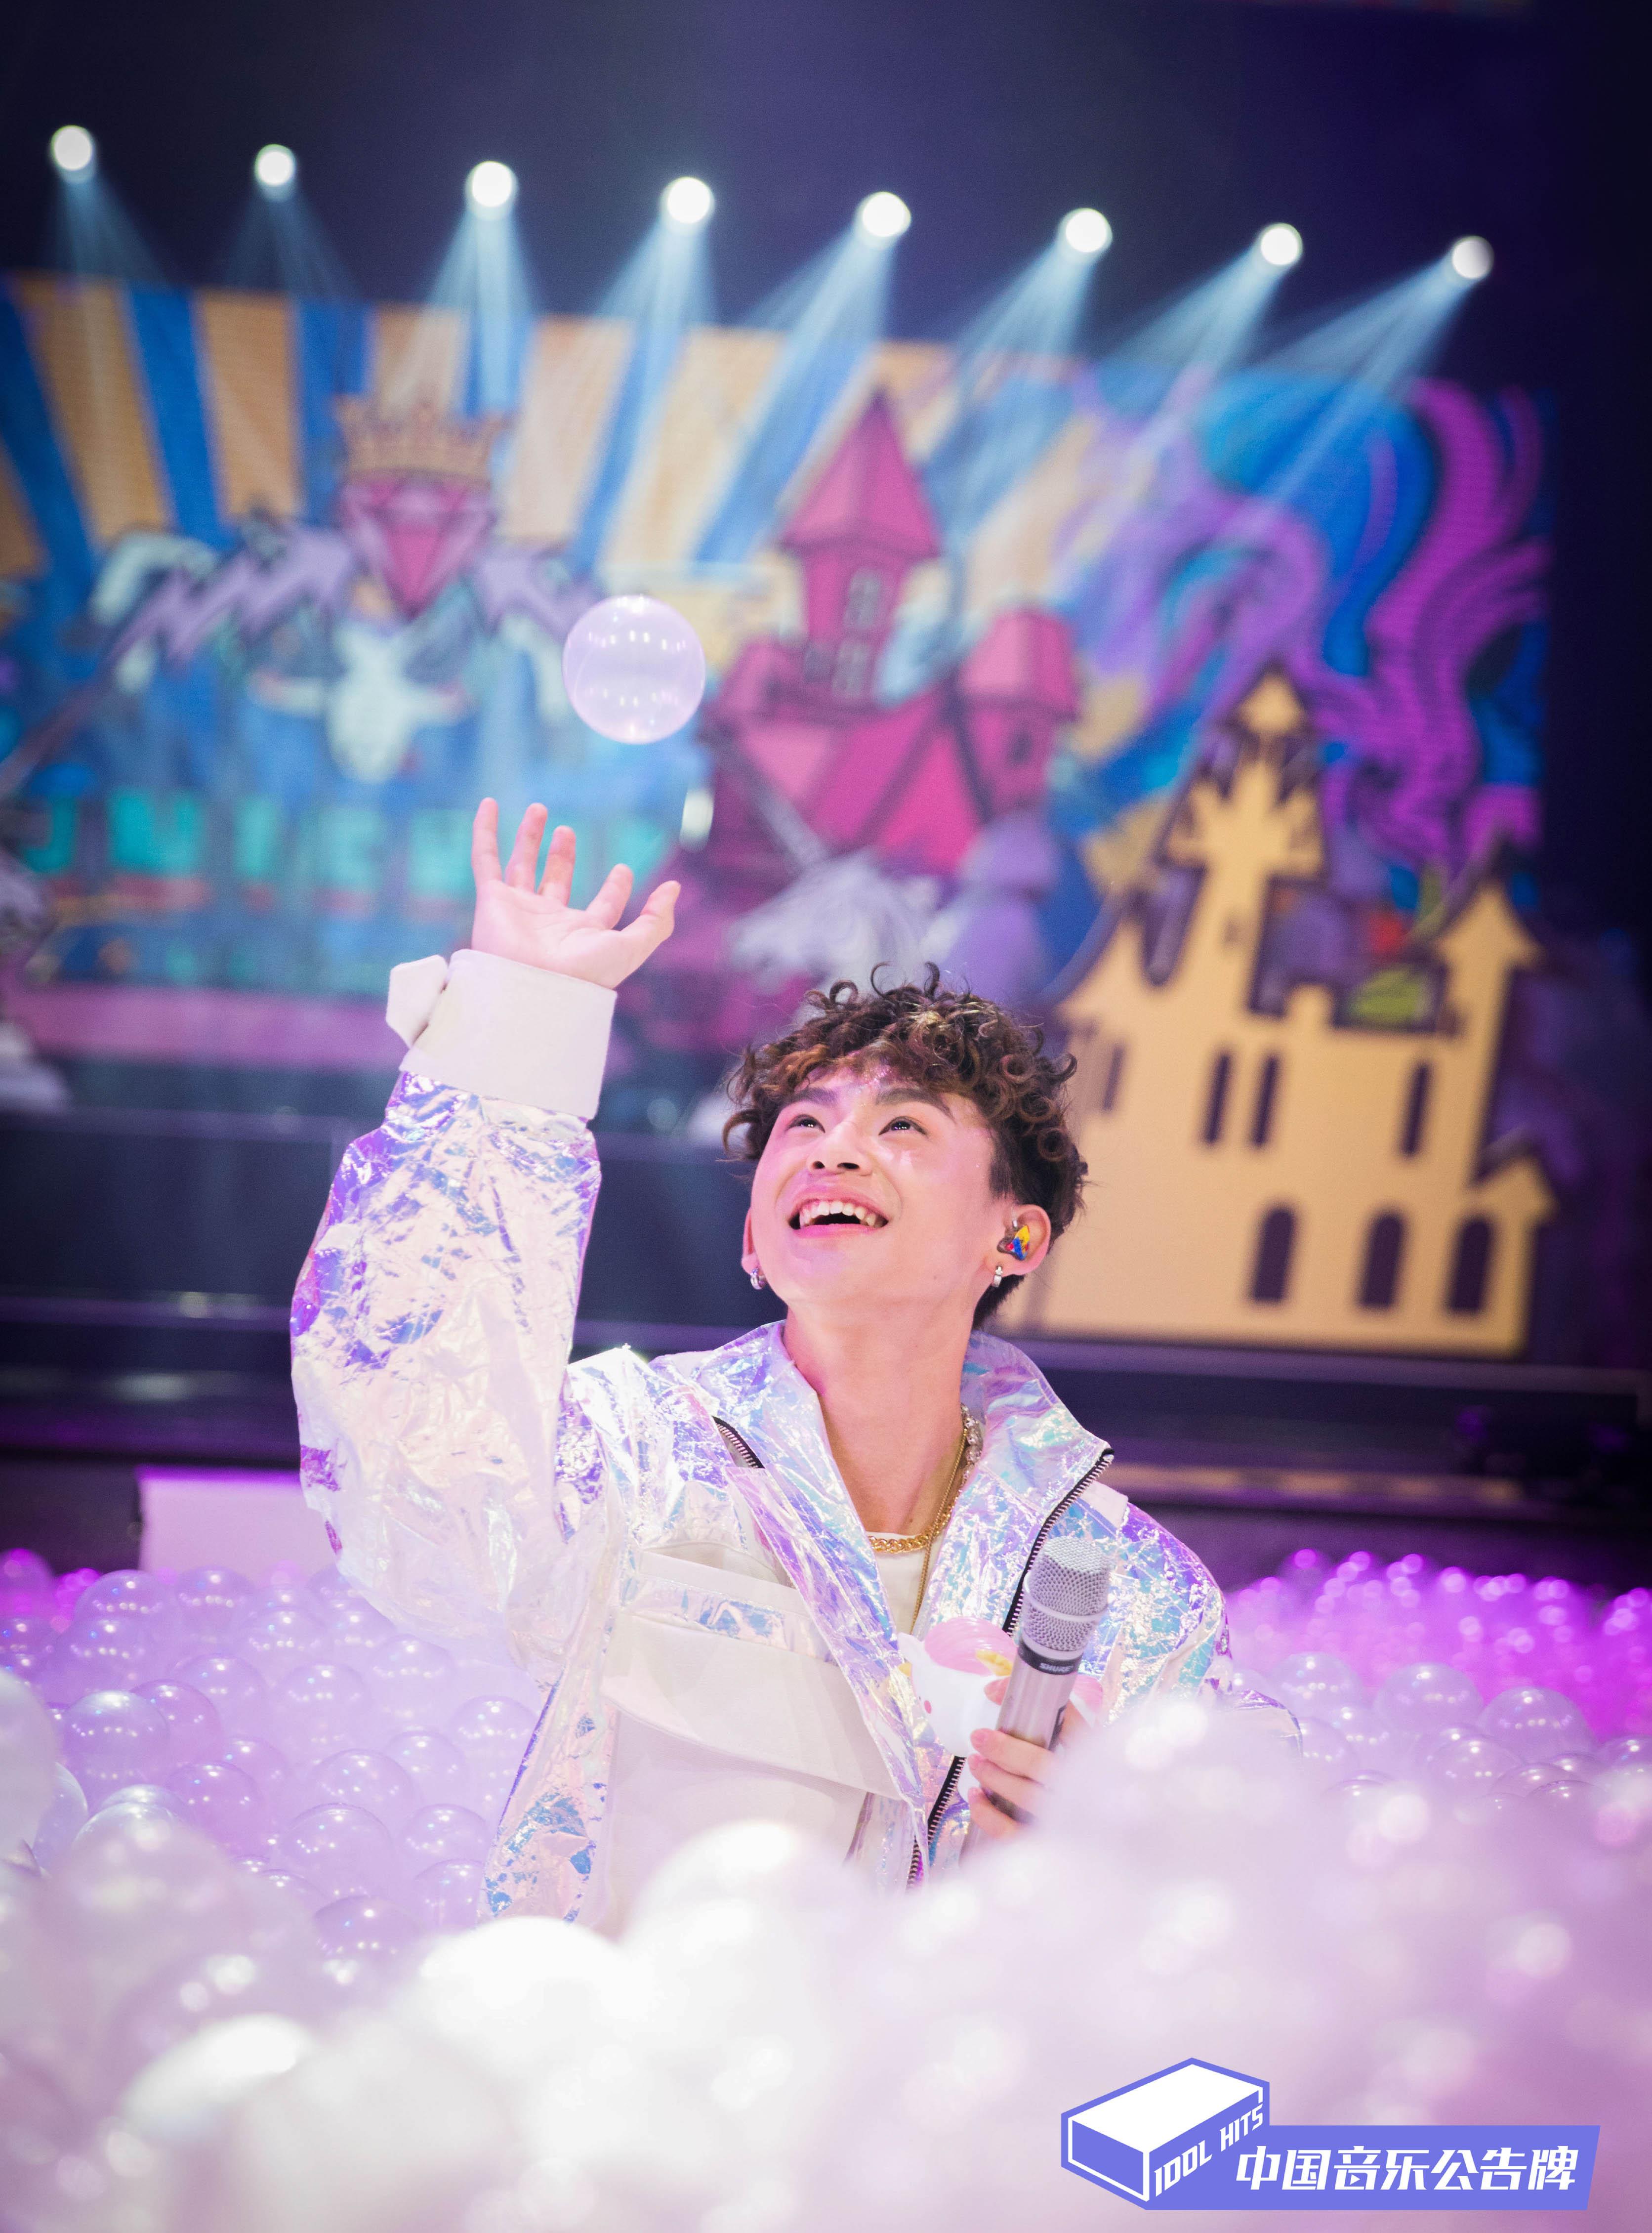 《中国音乐公告牌》迪玛希惊艳众人 小鬼获评可爱